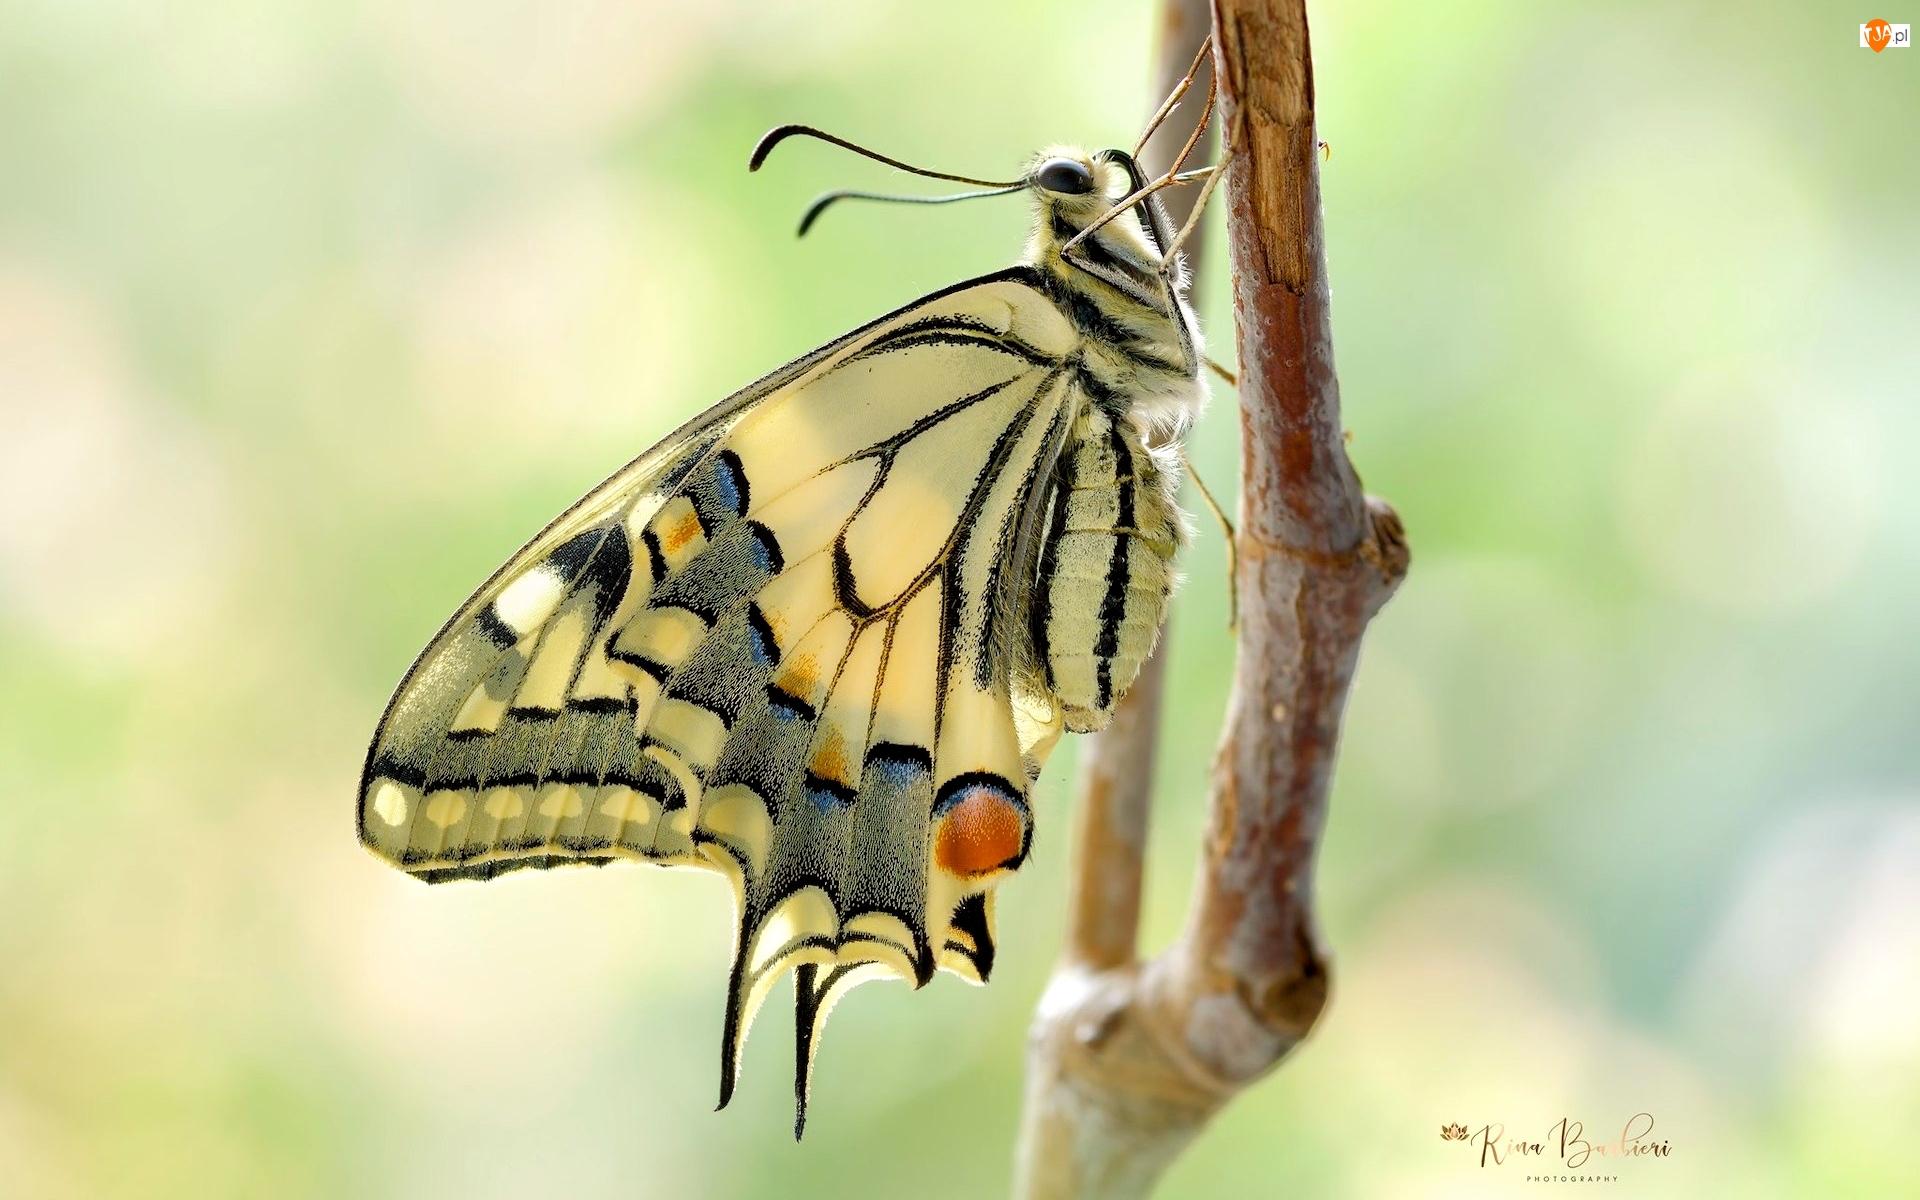 Gałązka, Makro, Motyl, Paź królowej